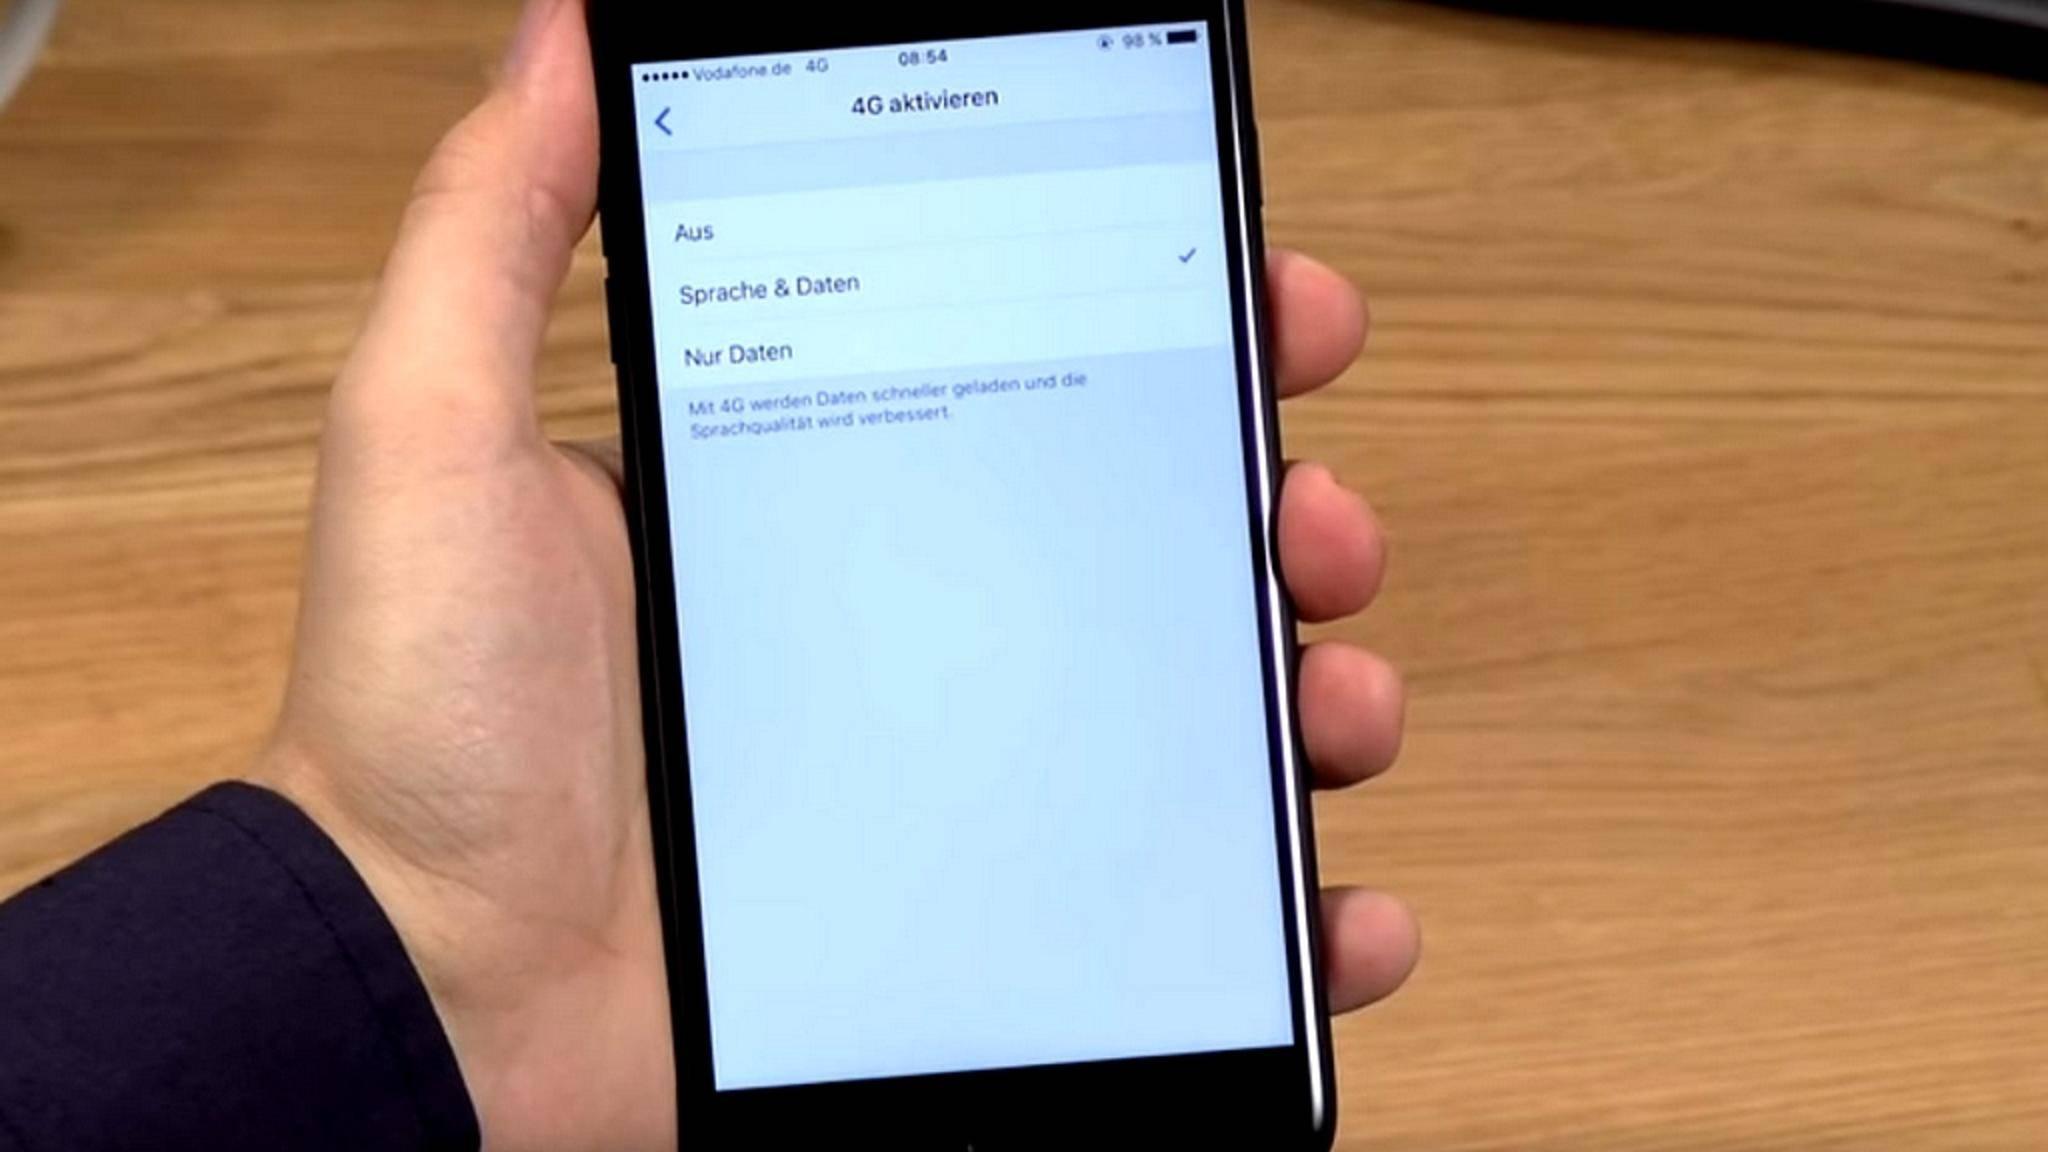 """Auf dem iPhone muss zunächst """"Sprache und Daten"""" in den 4G-Einstellungen aktivuiert werden."""